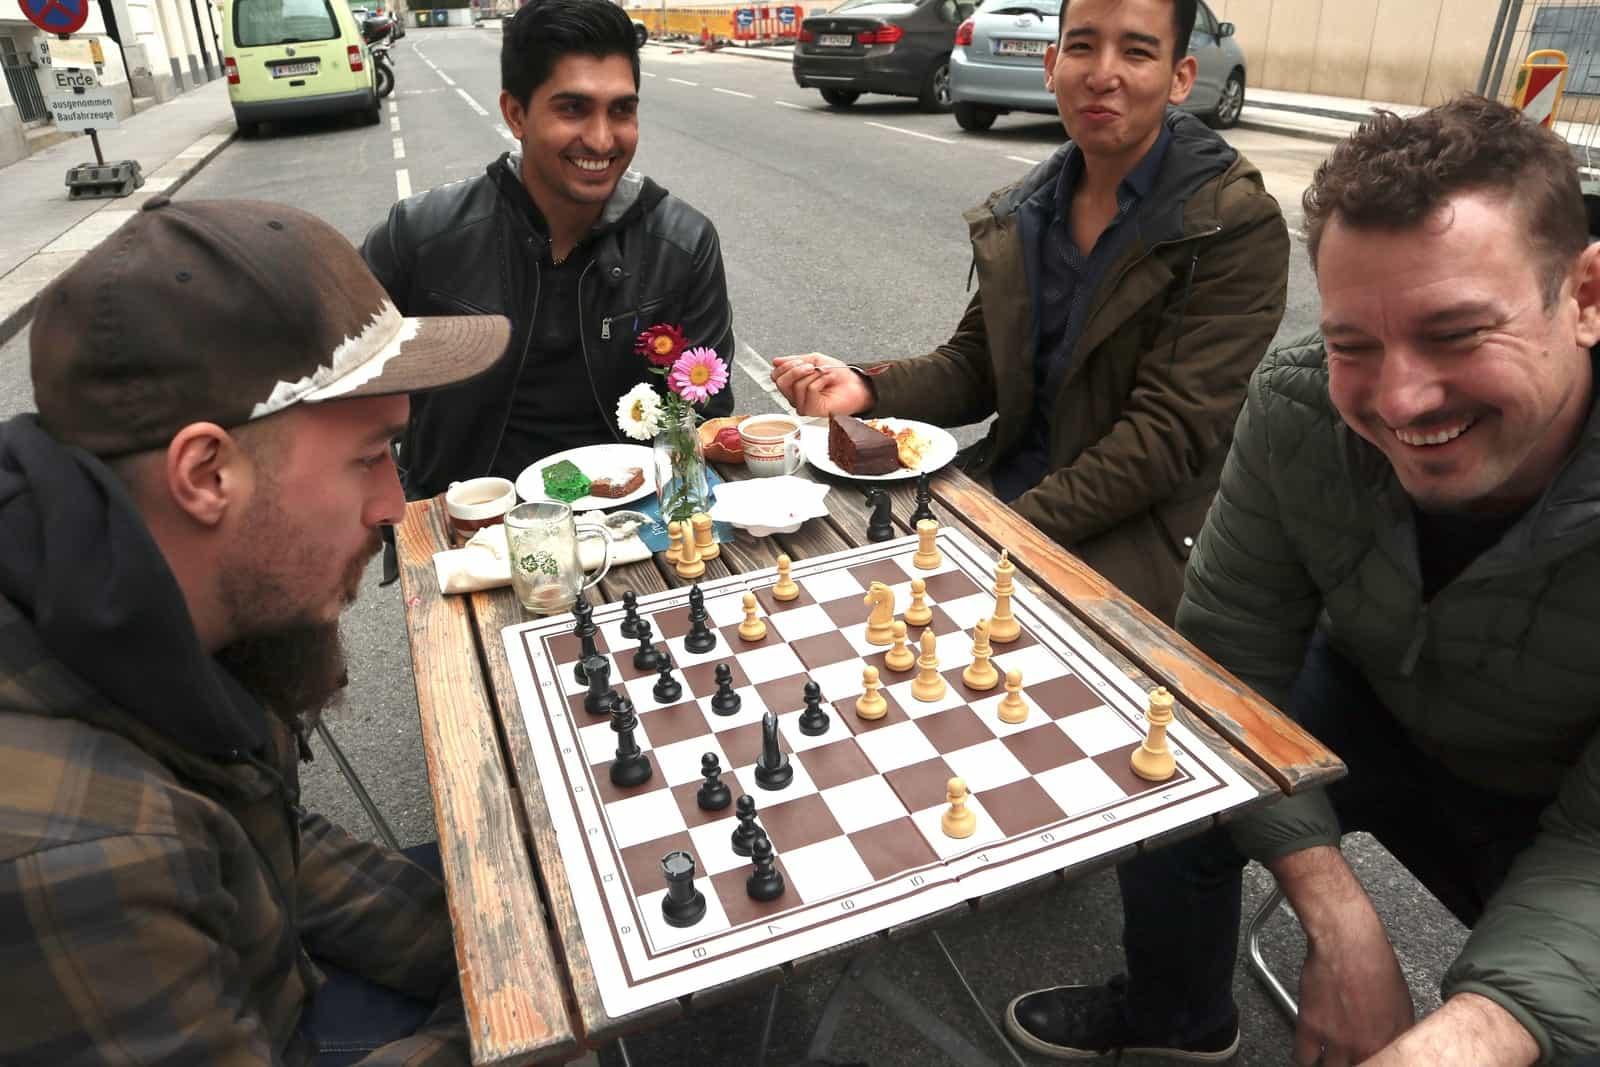 Das sind wir – Martin von der Schachgruppe